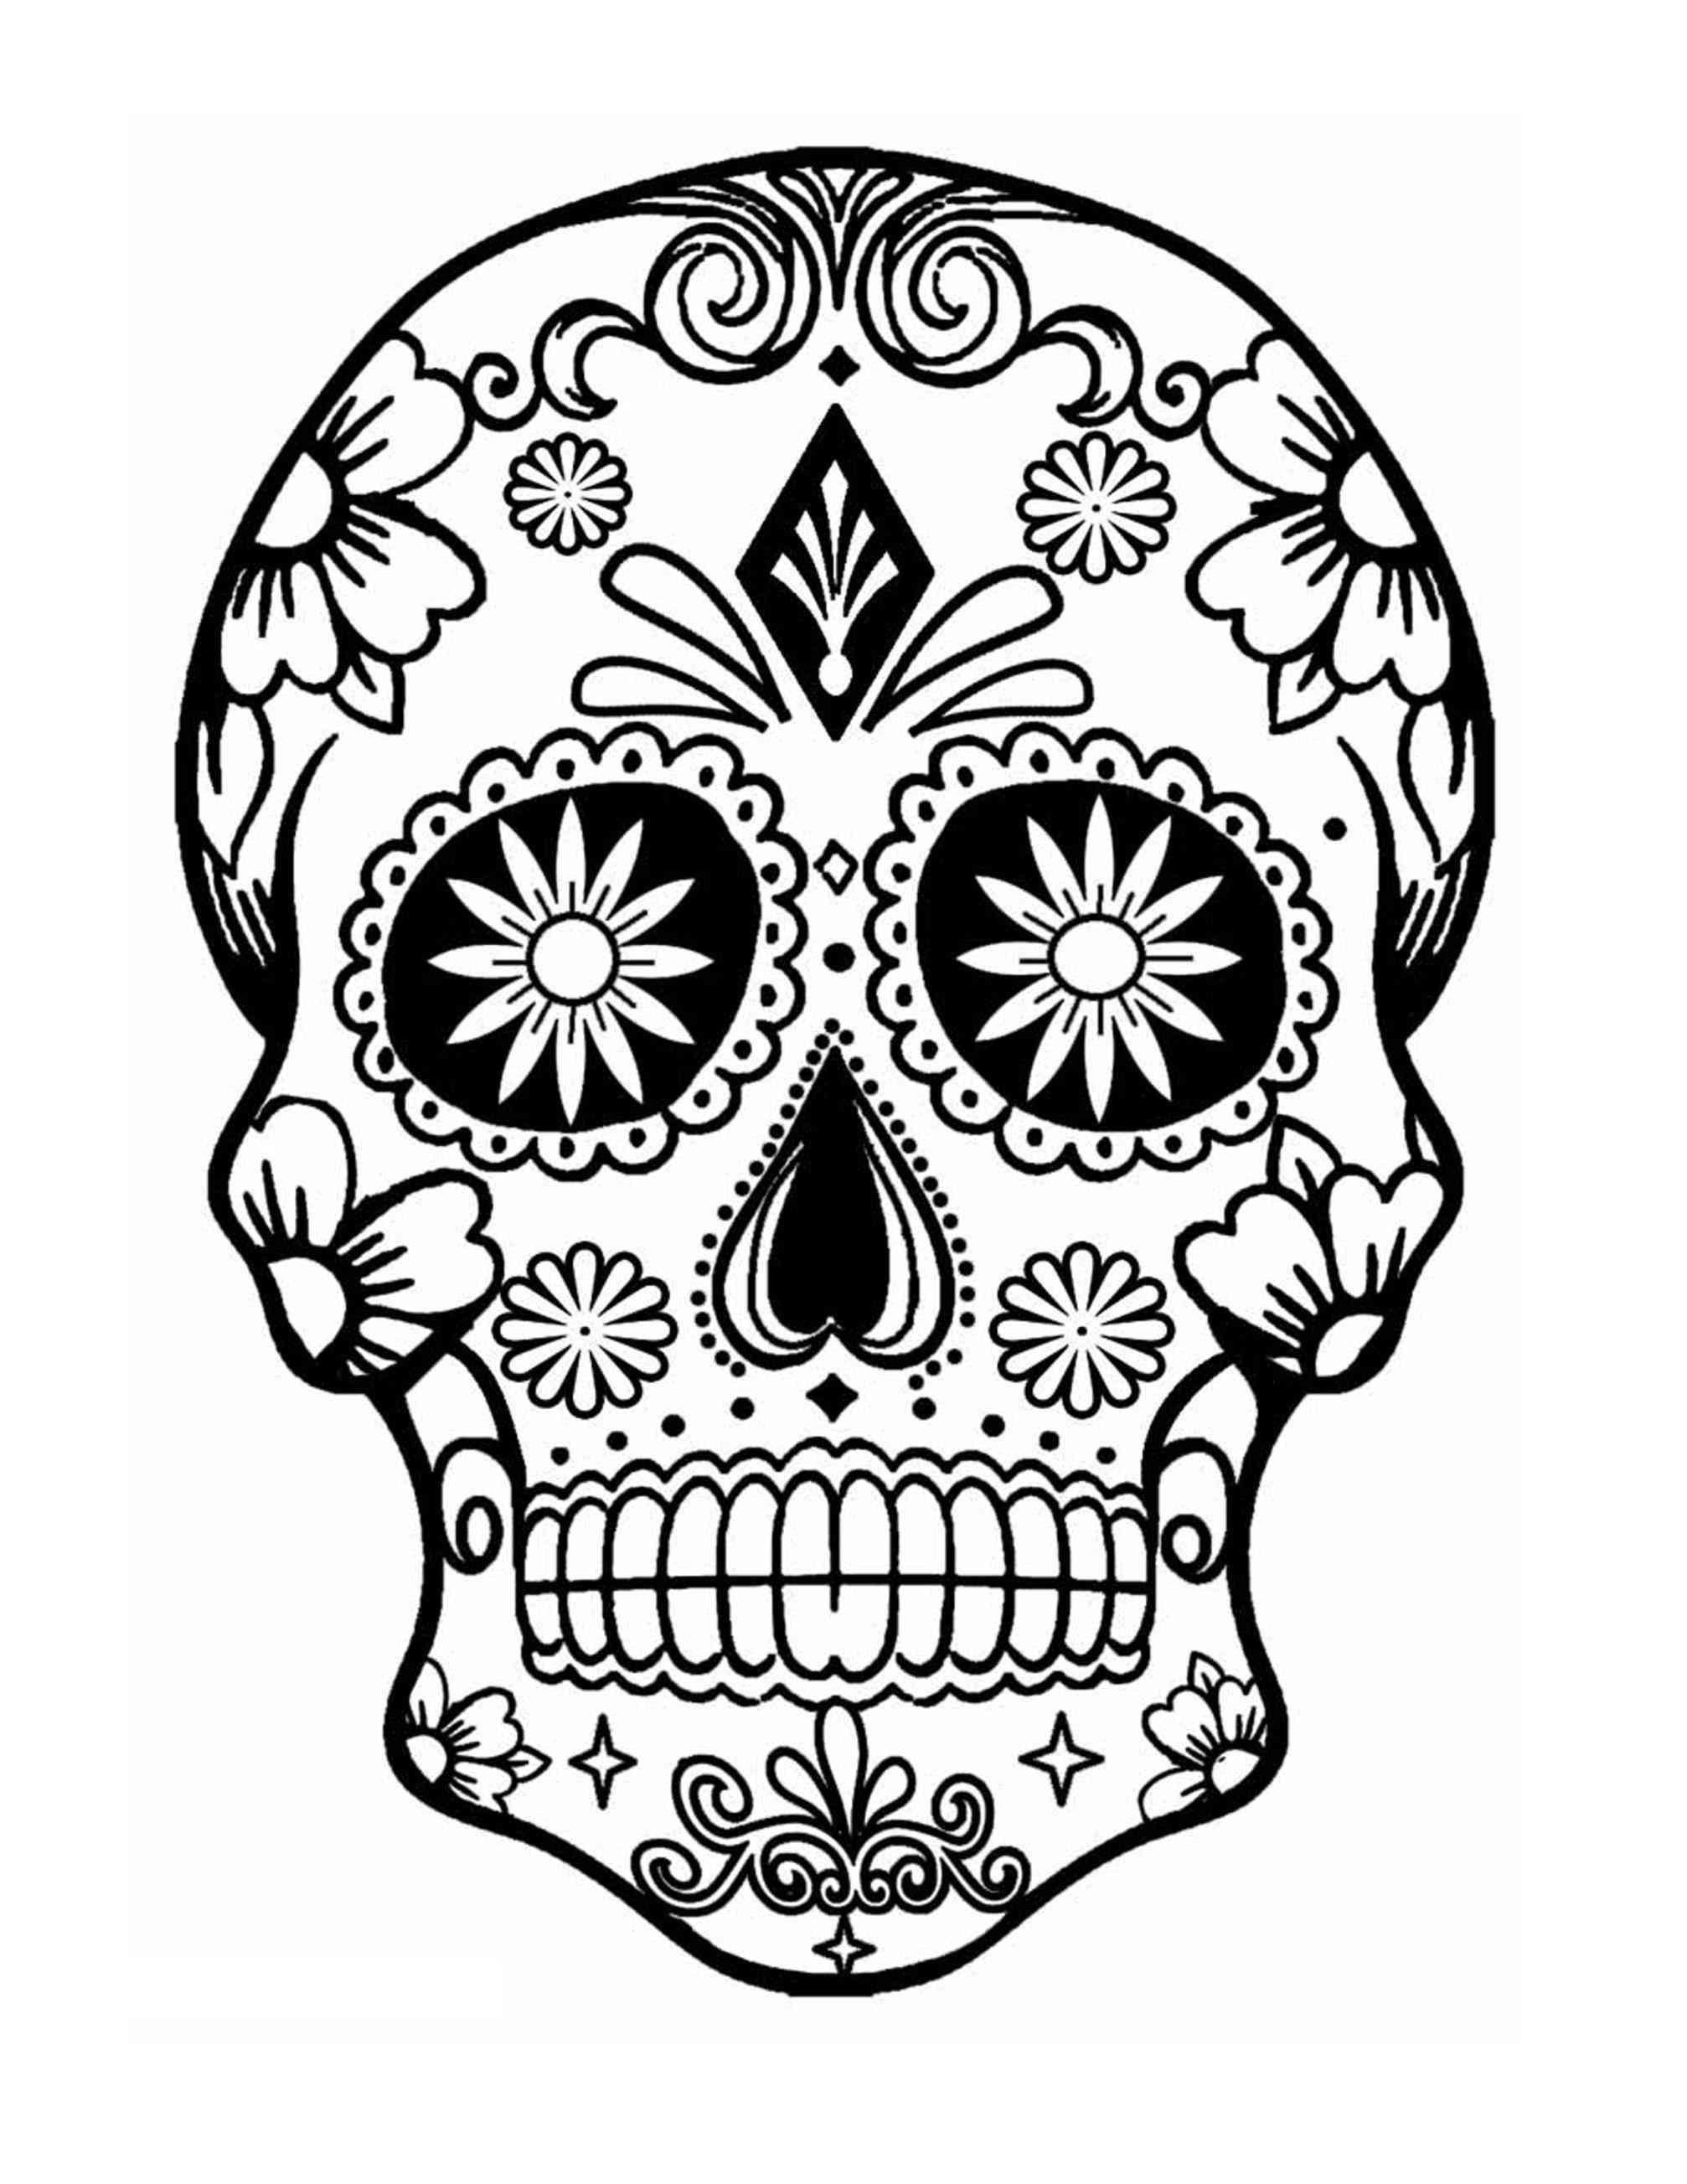 2014x2607 Skull Flower Finished Dia De Los Ispywithmycraftyeyes Sugar Skull